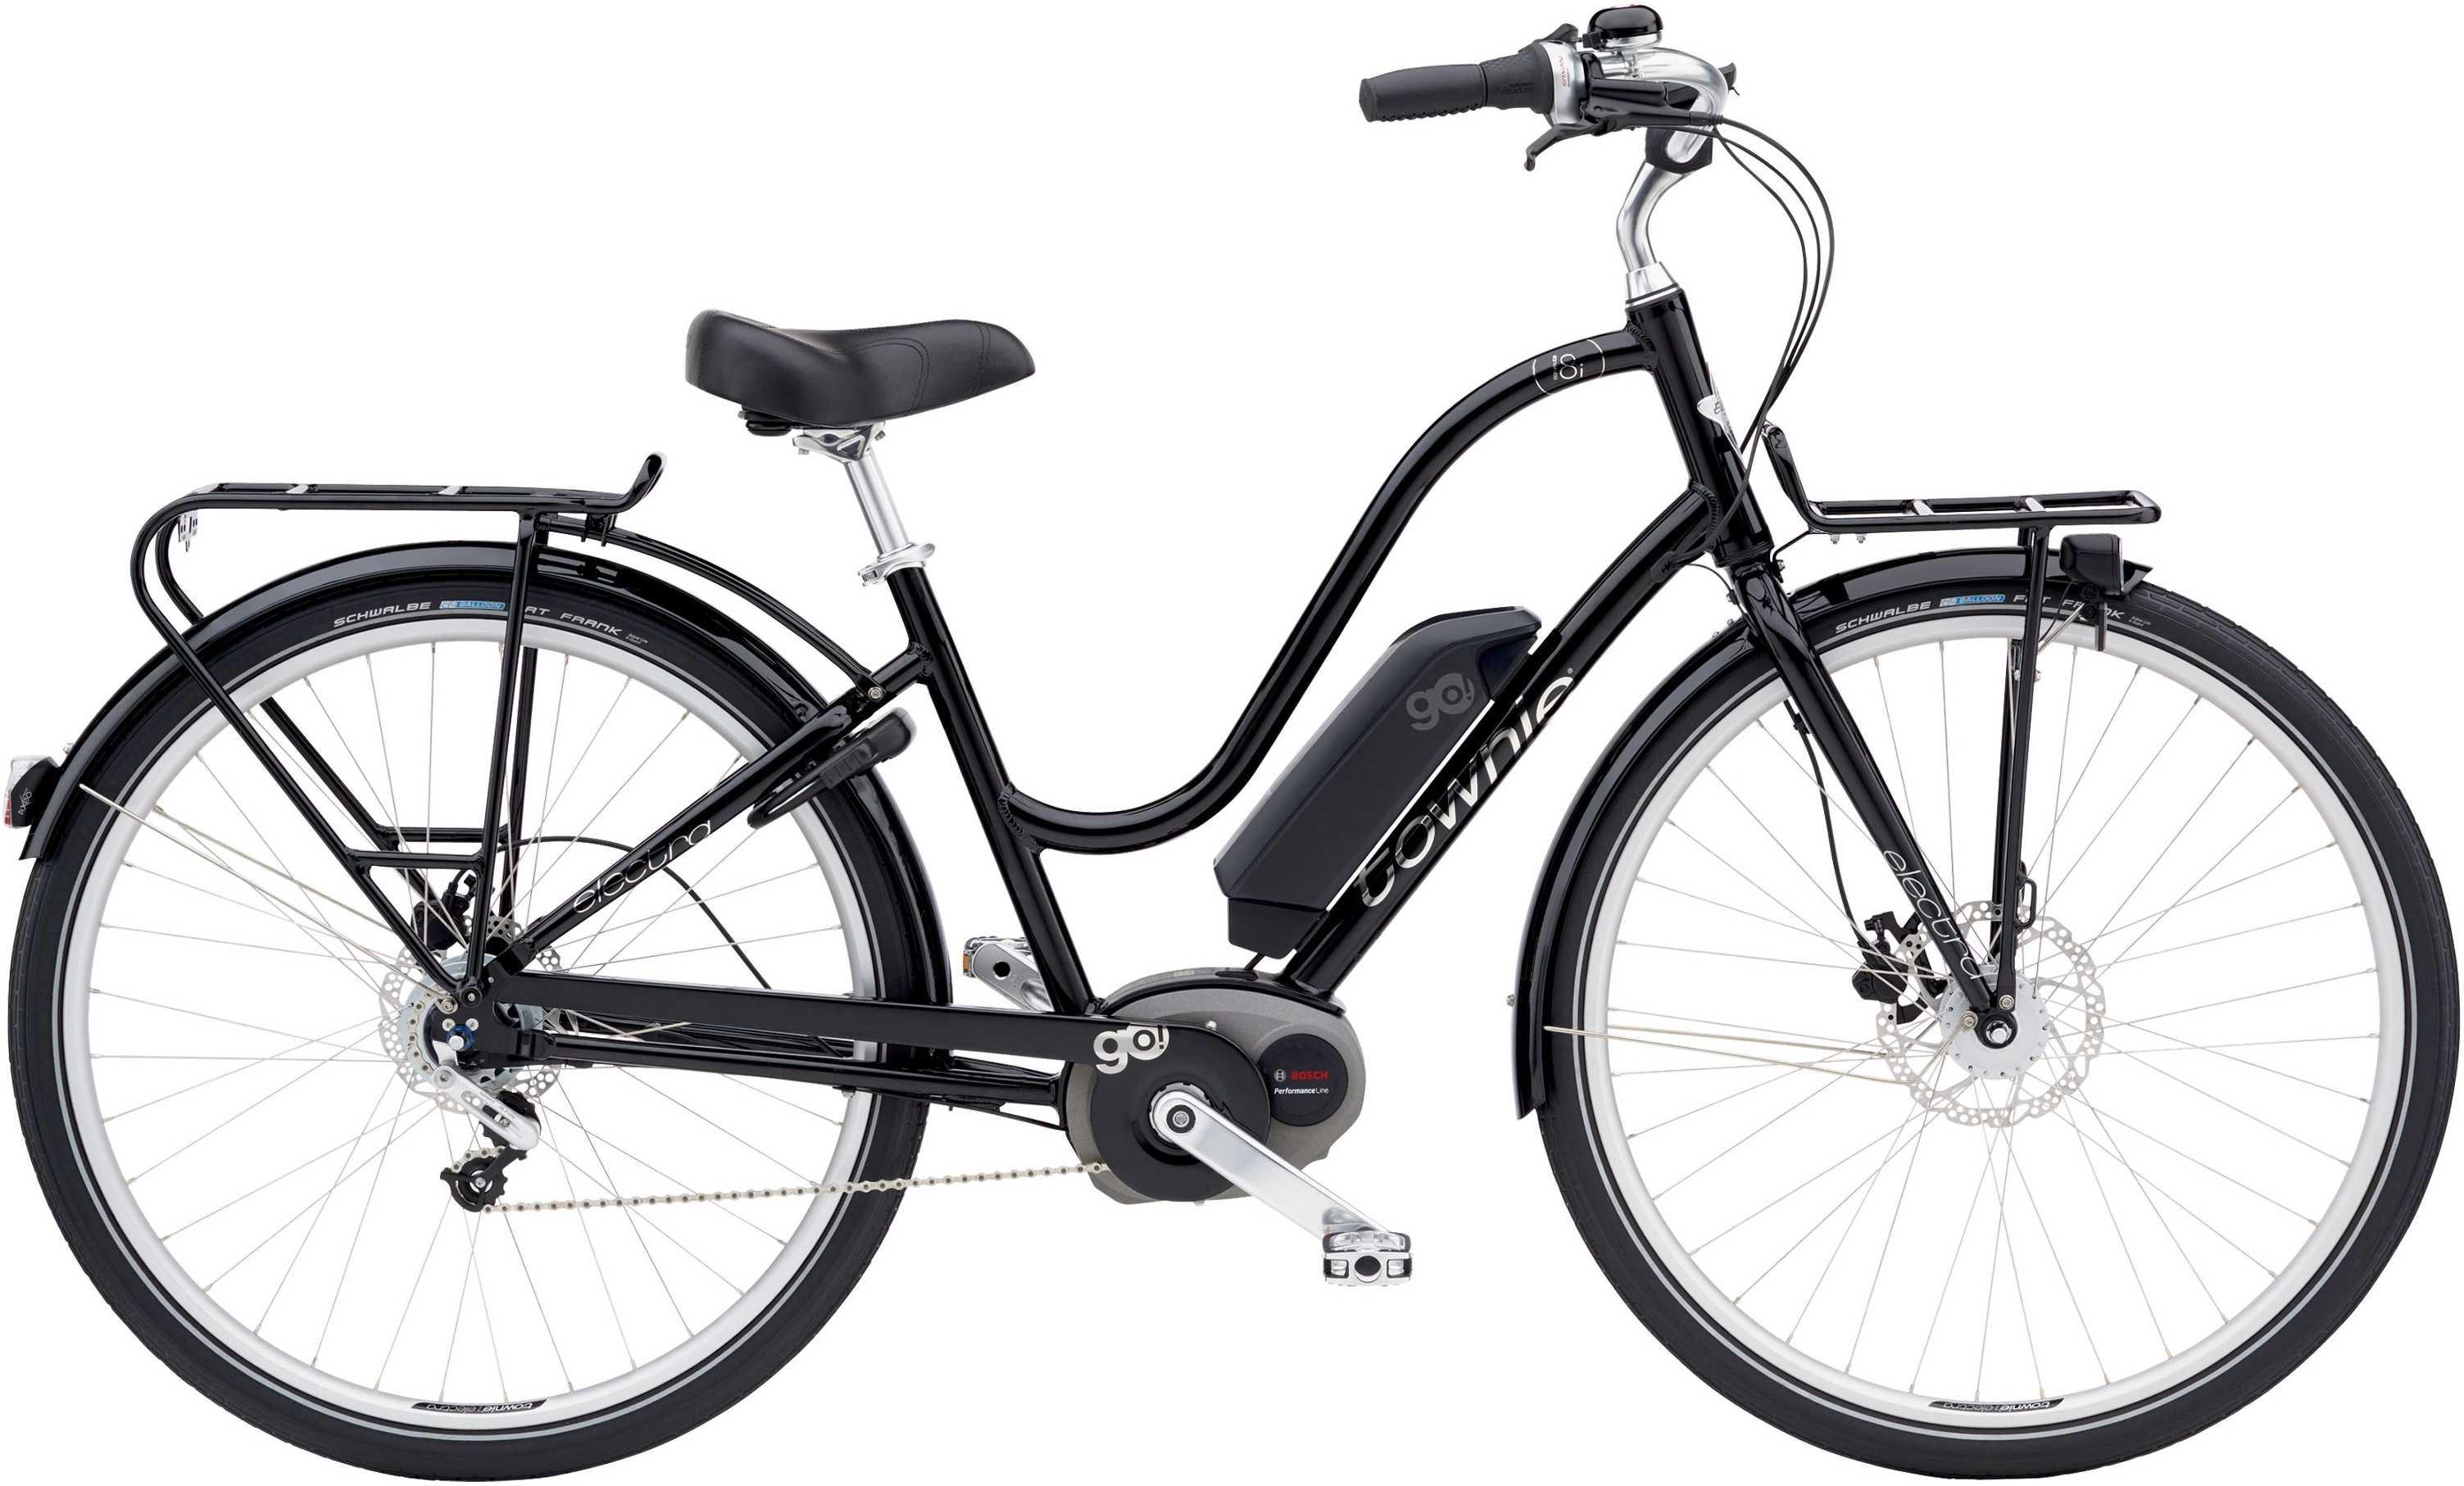 Electra Townie Commute Go! 8I dam svart one-size